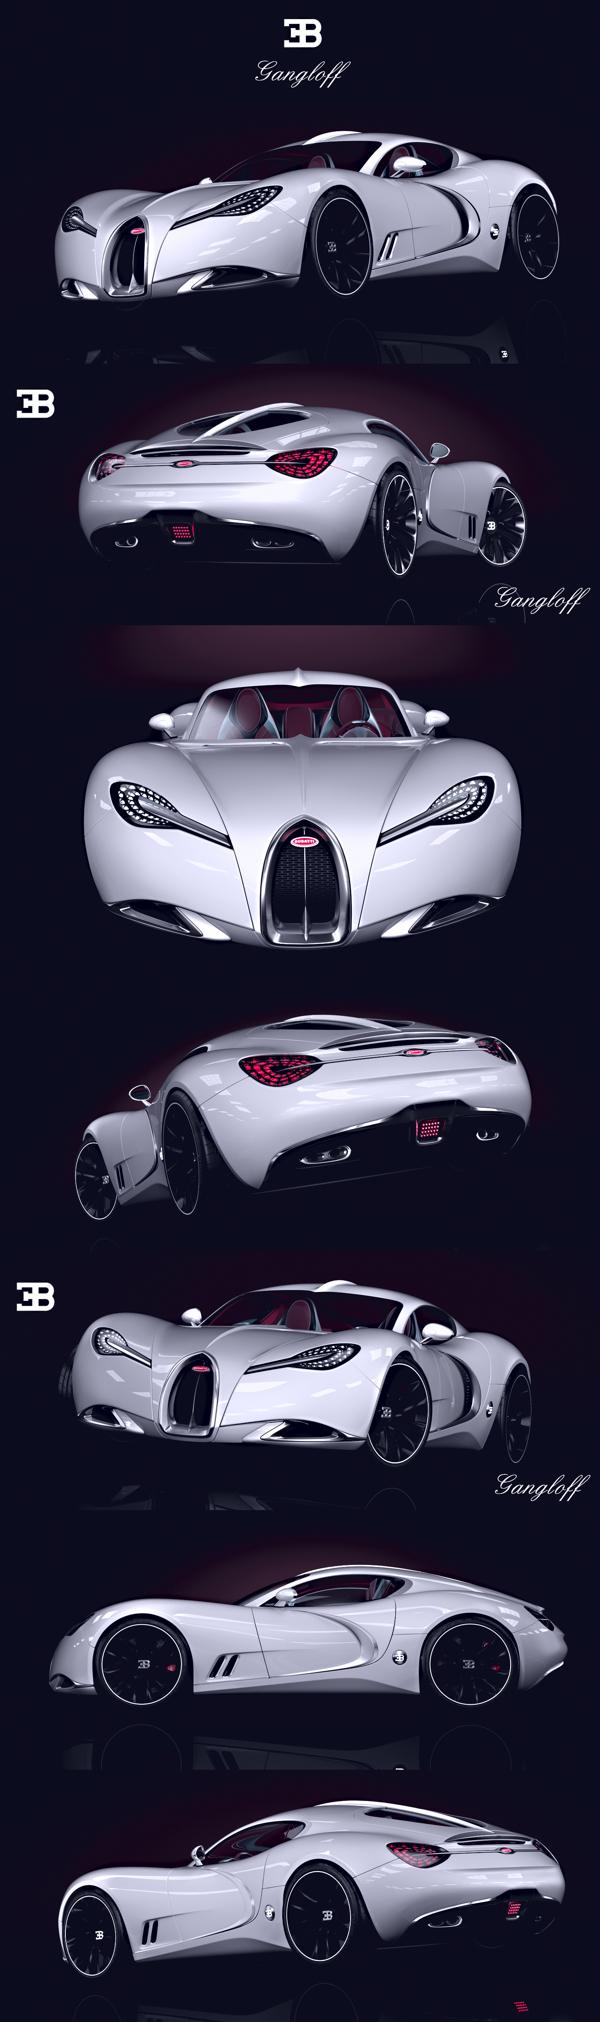 Bugatti Gangloff Invisium Concept car!